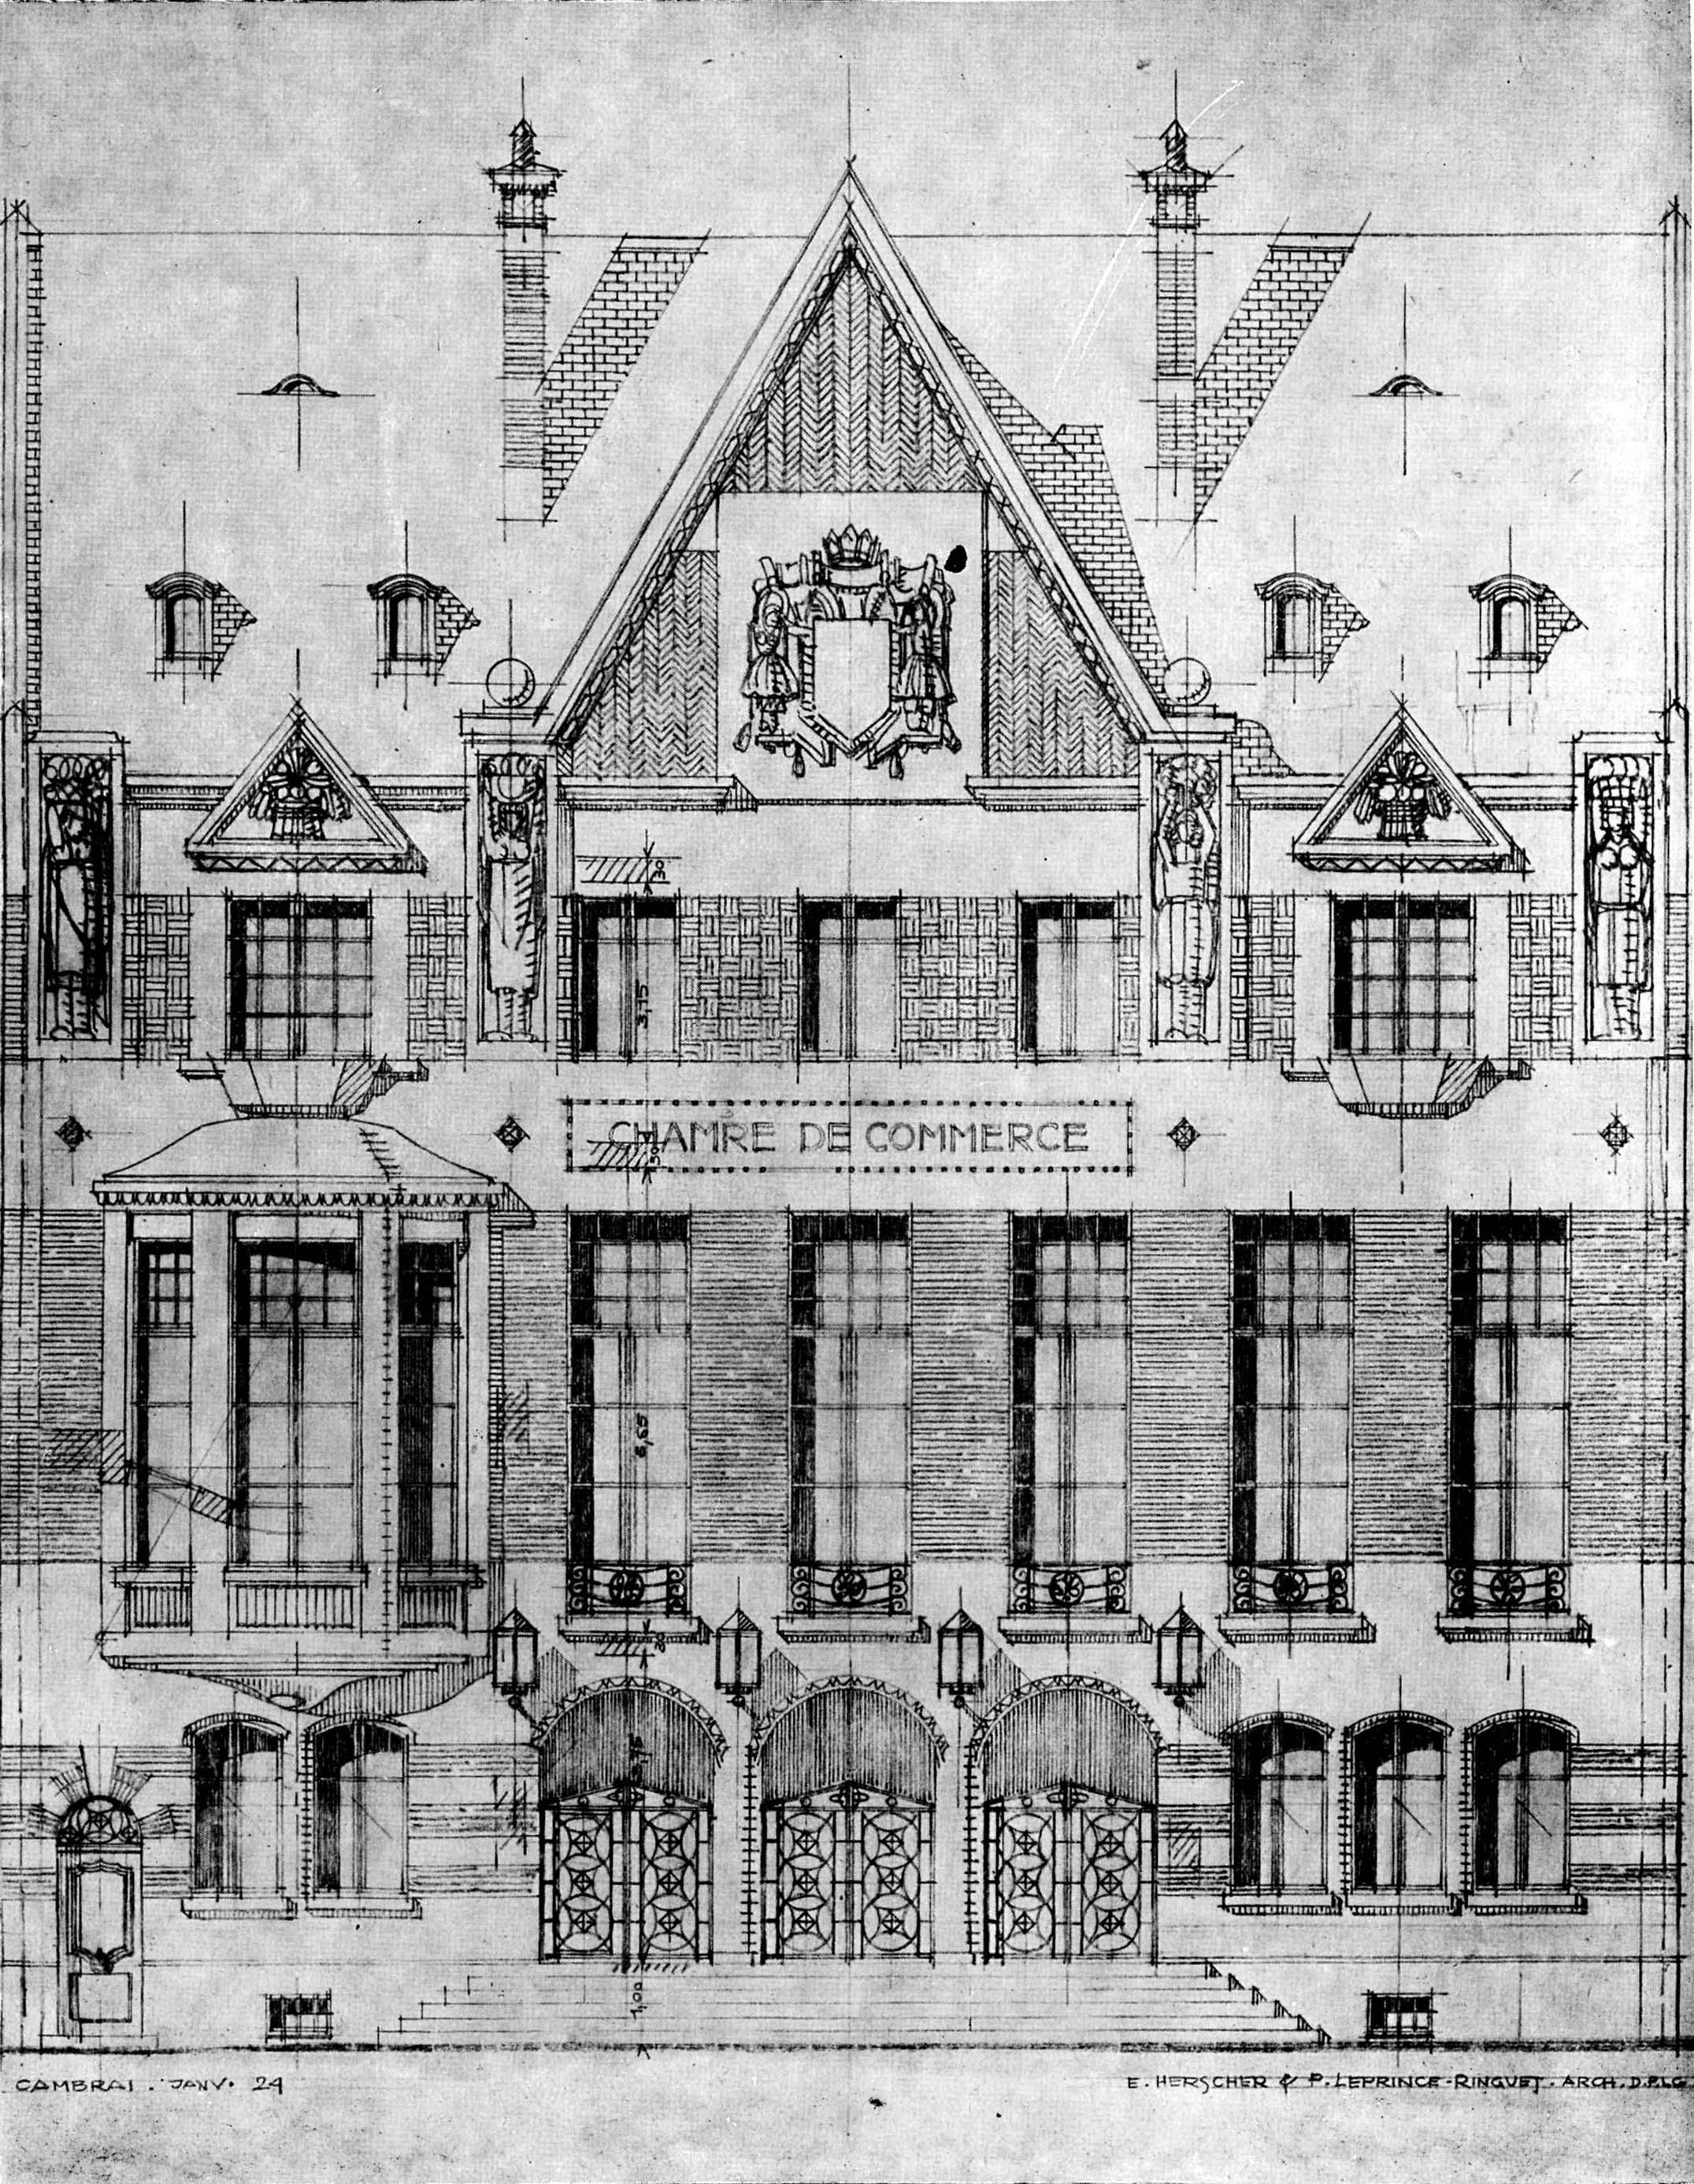 La chambre de commerce de cambrai vitrine de la reconstruction r ussie d une ville du nord - Chambre du commerce strasbourg ...